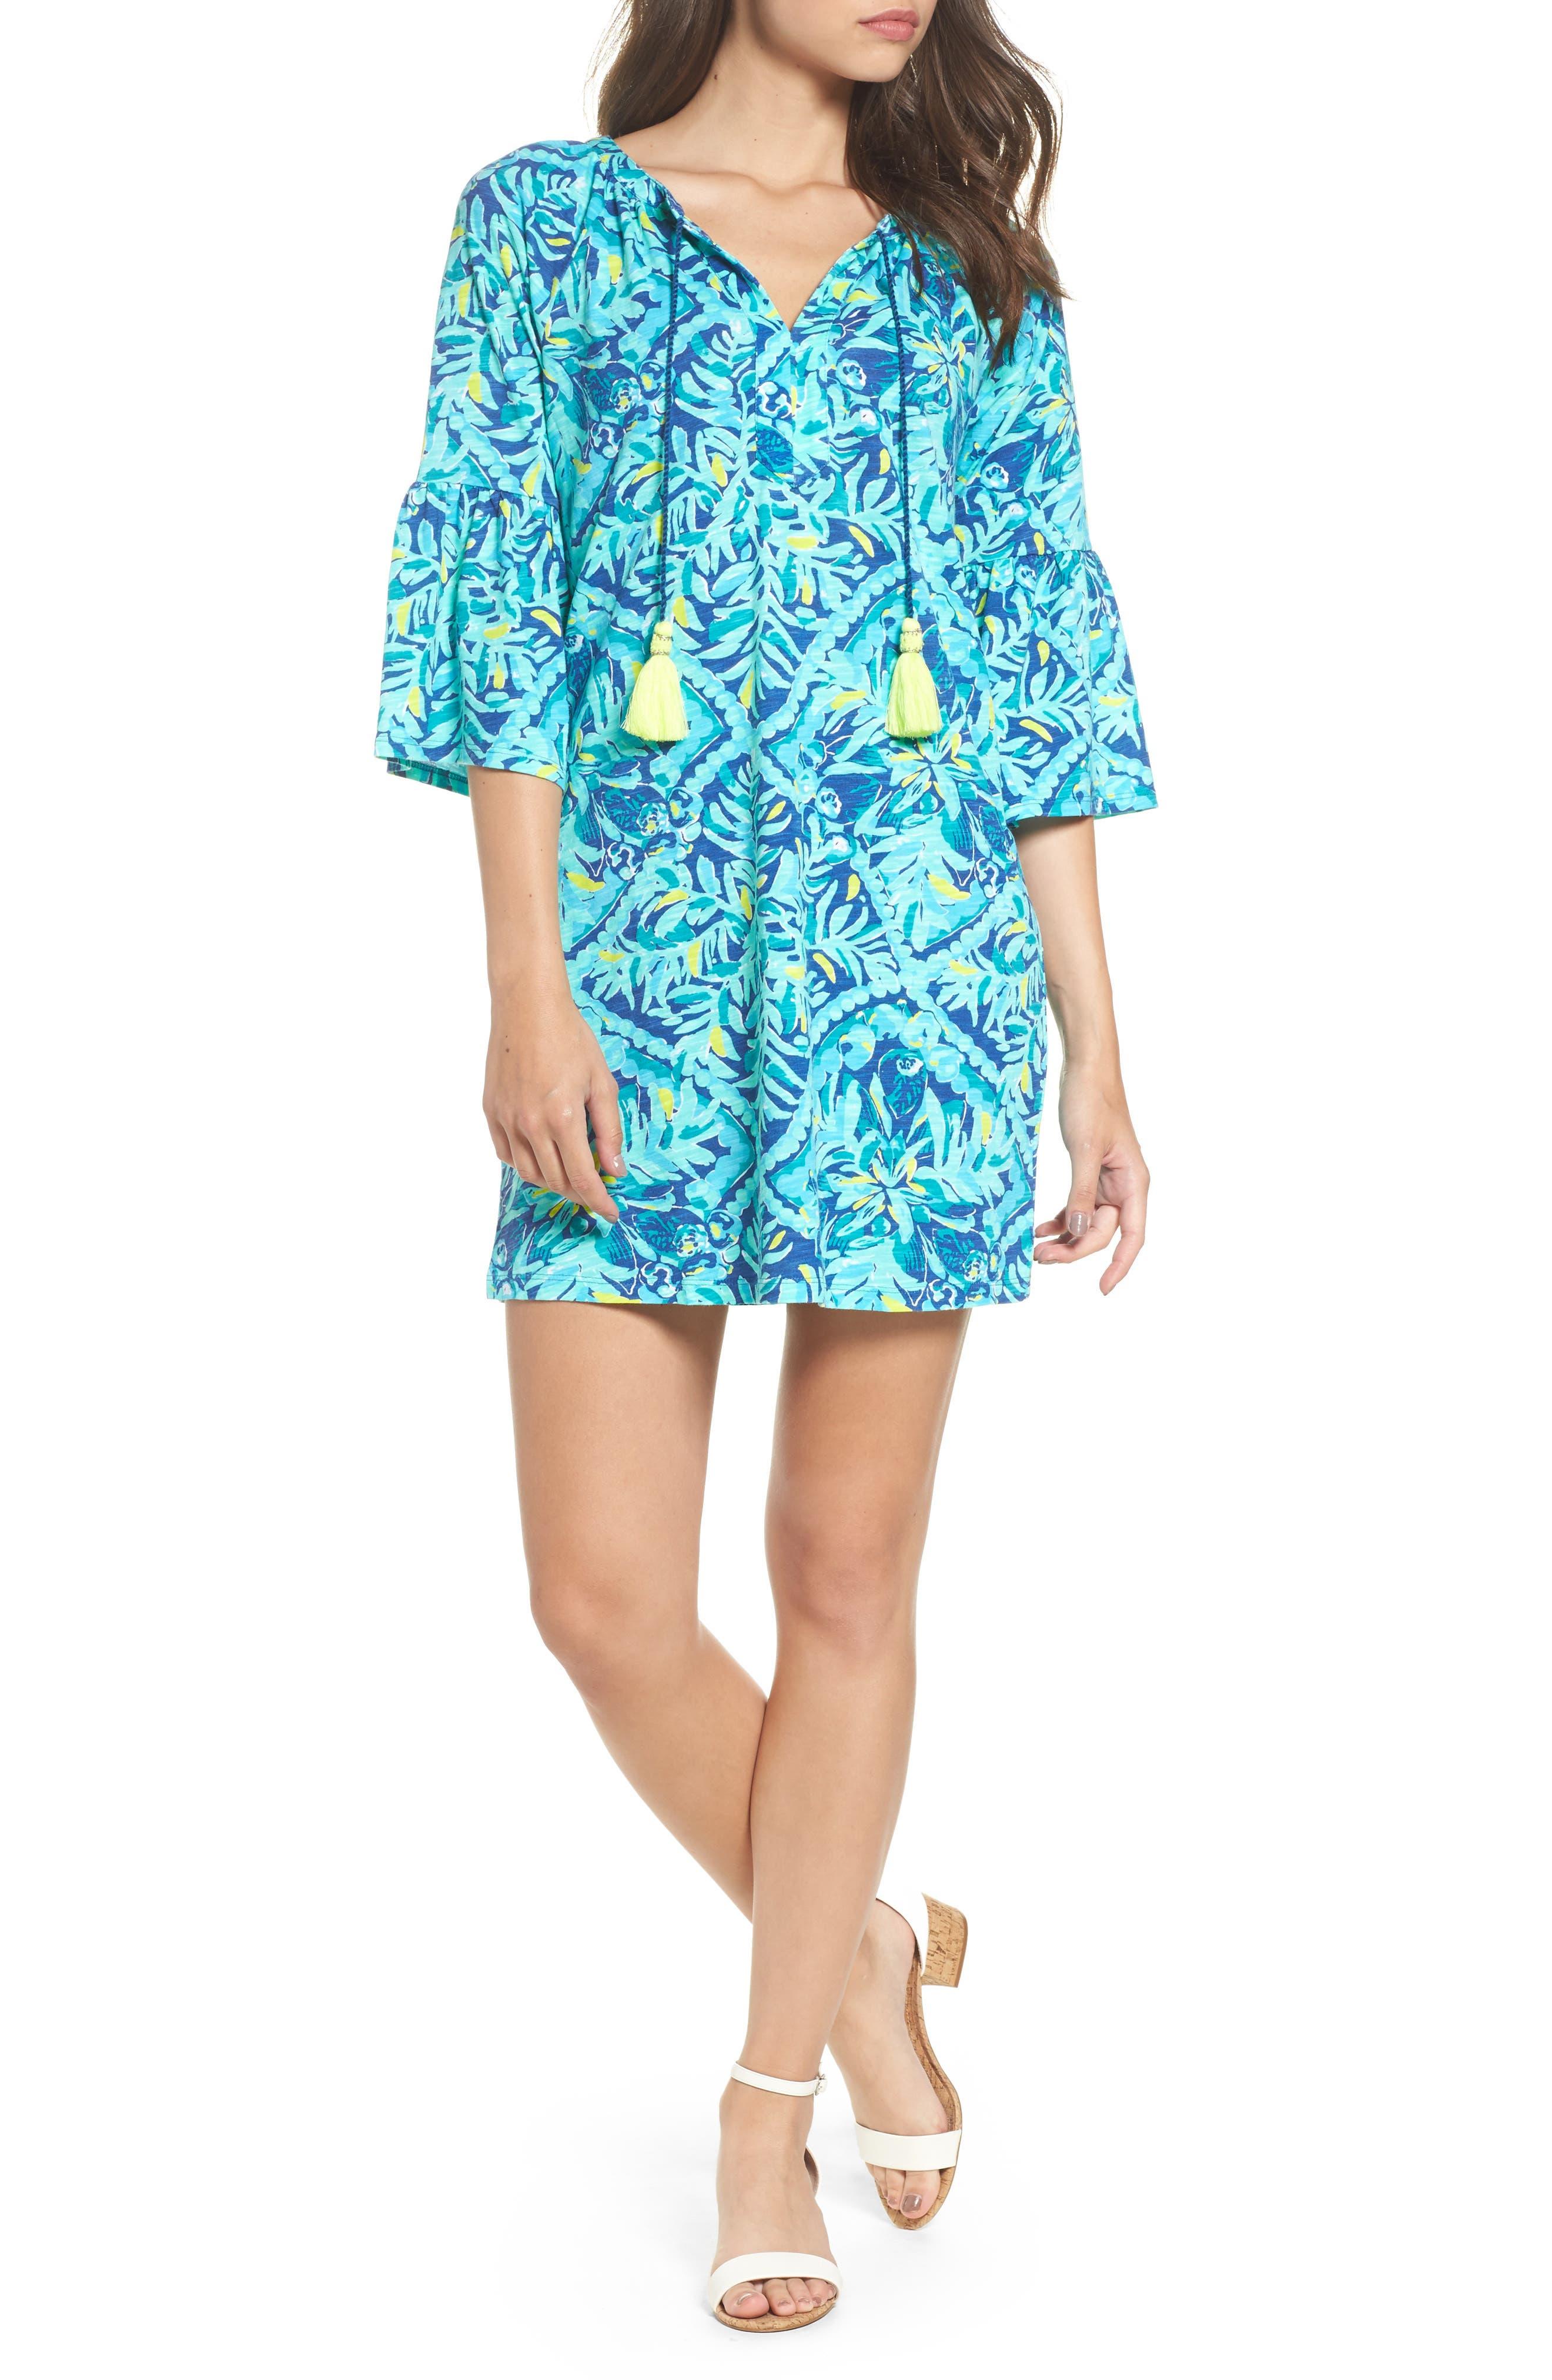 Del Lago Tunic Dress,                         Main,                         color, Indigo Midnight Cove